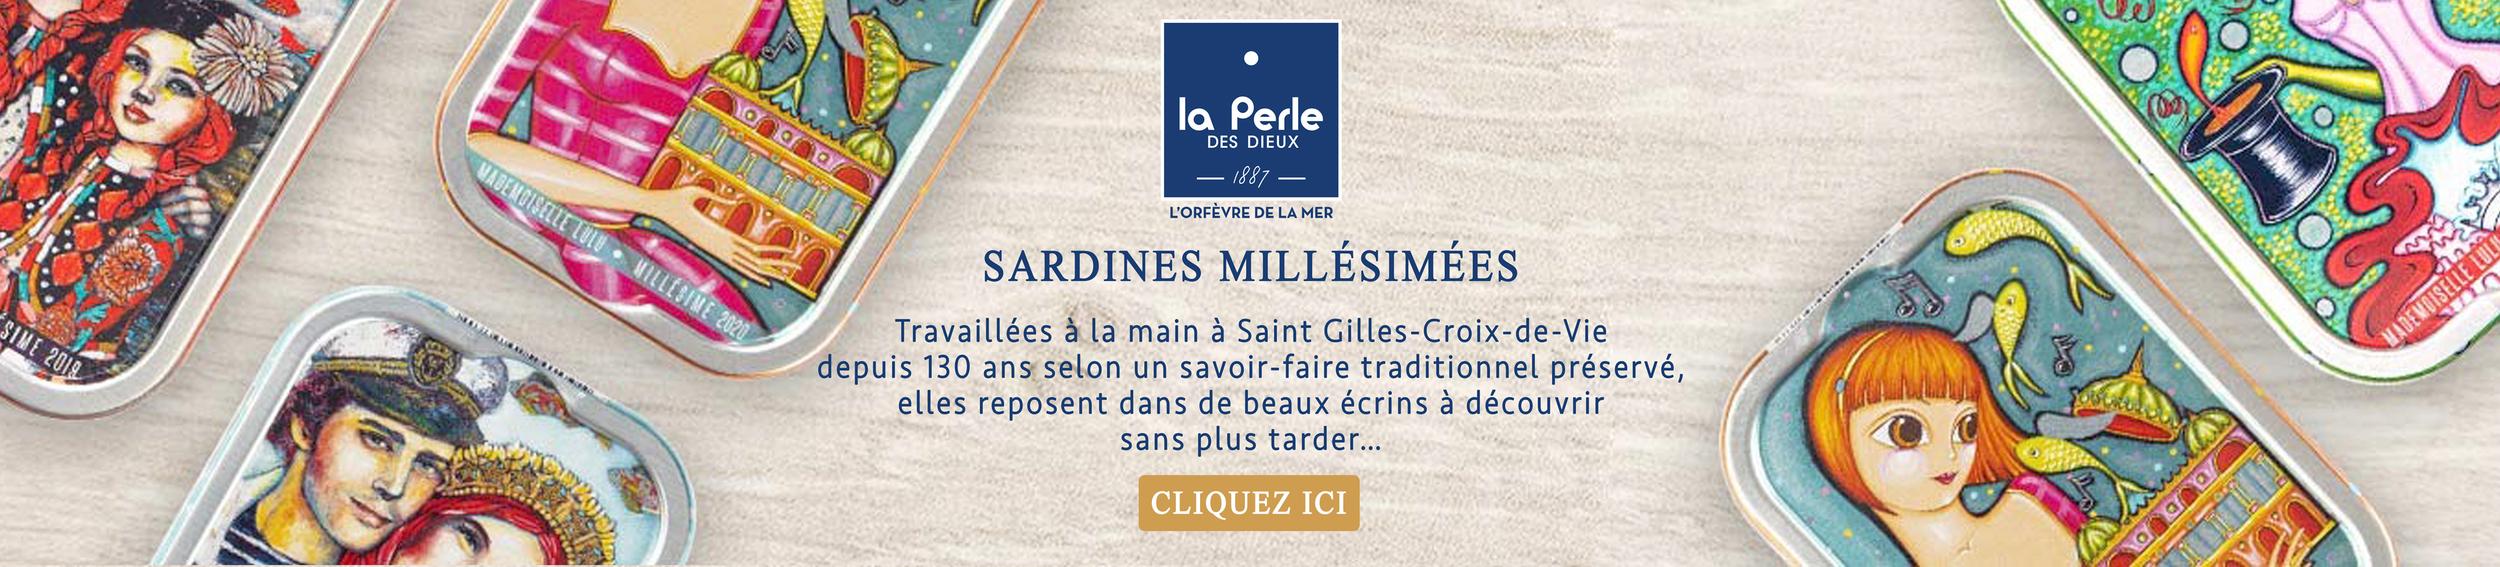 banniere sardines